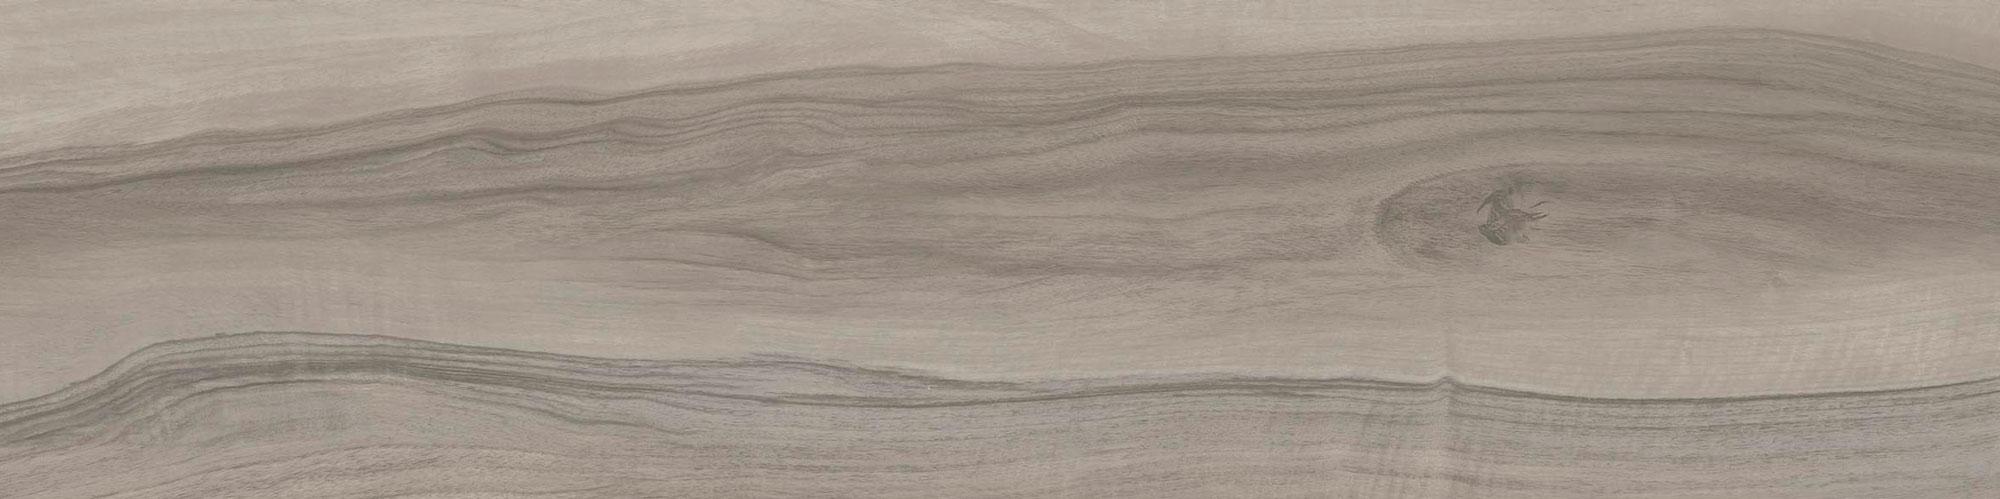 Напольная плитка Ceramika Konskie Windsor Grey 15,5x62 (1,06) напольная плитка ceramika konskie quarzite bianca rekt lap 60x60 1 44